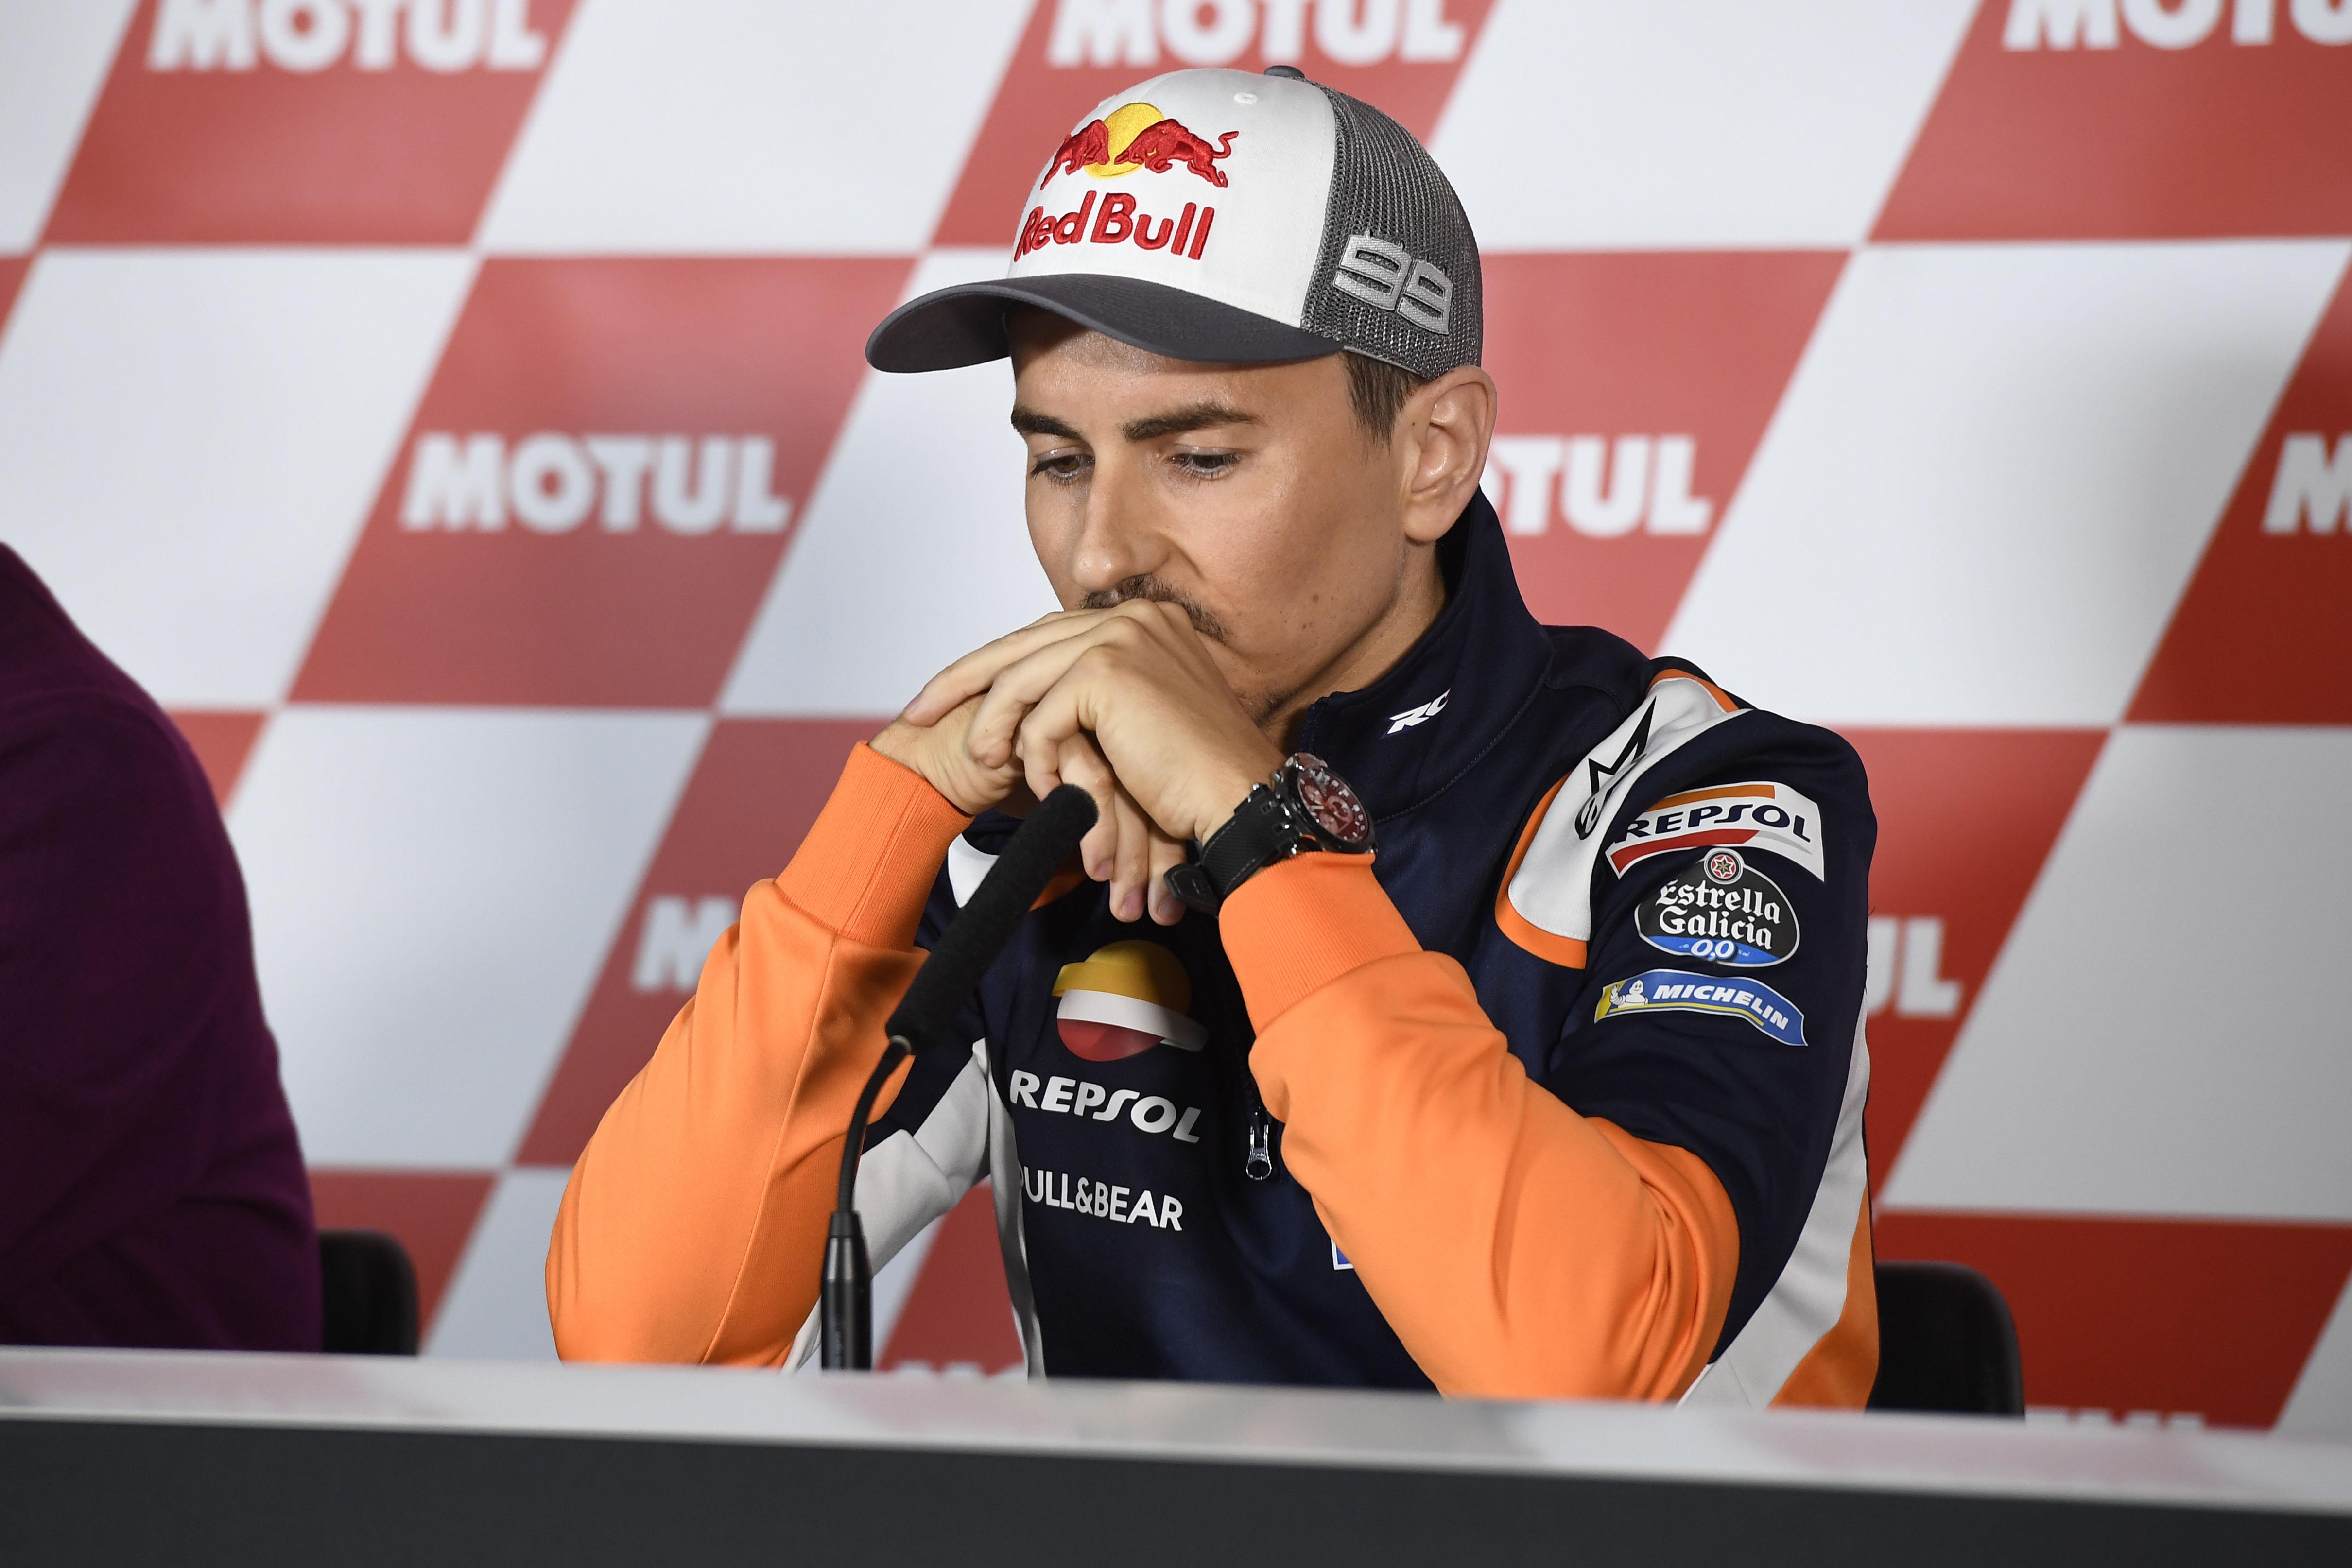 Jorge Lorenzo, Repsol Honda, MotoGP,